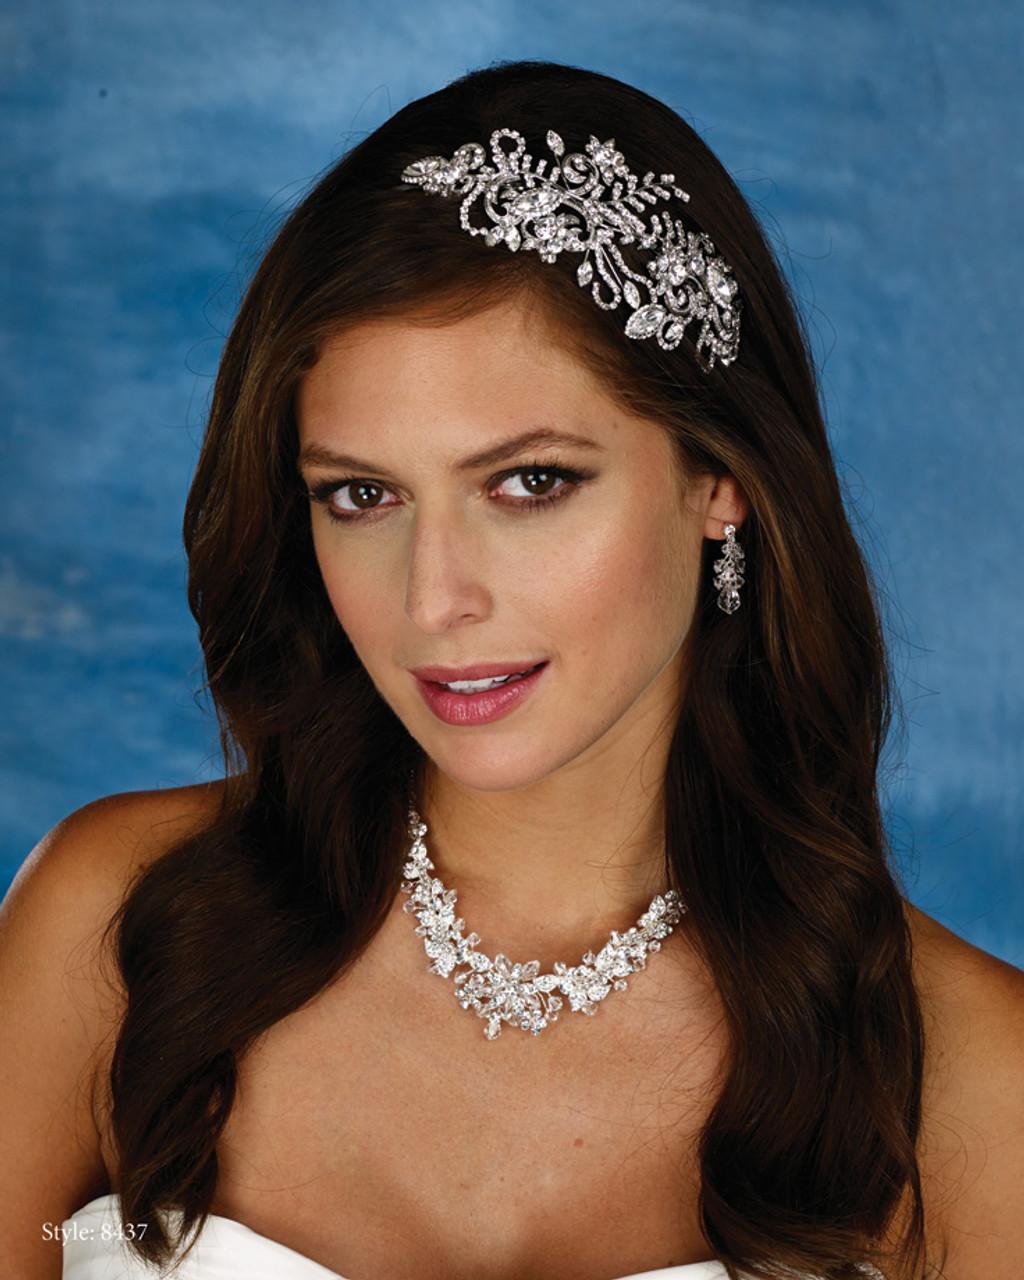 Marionat Bridal Headpieces 8437 - Marionat Bridal Accessories